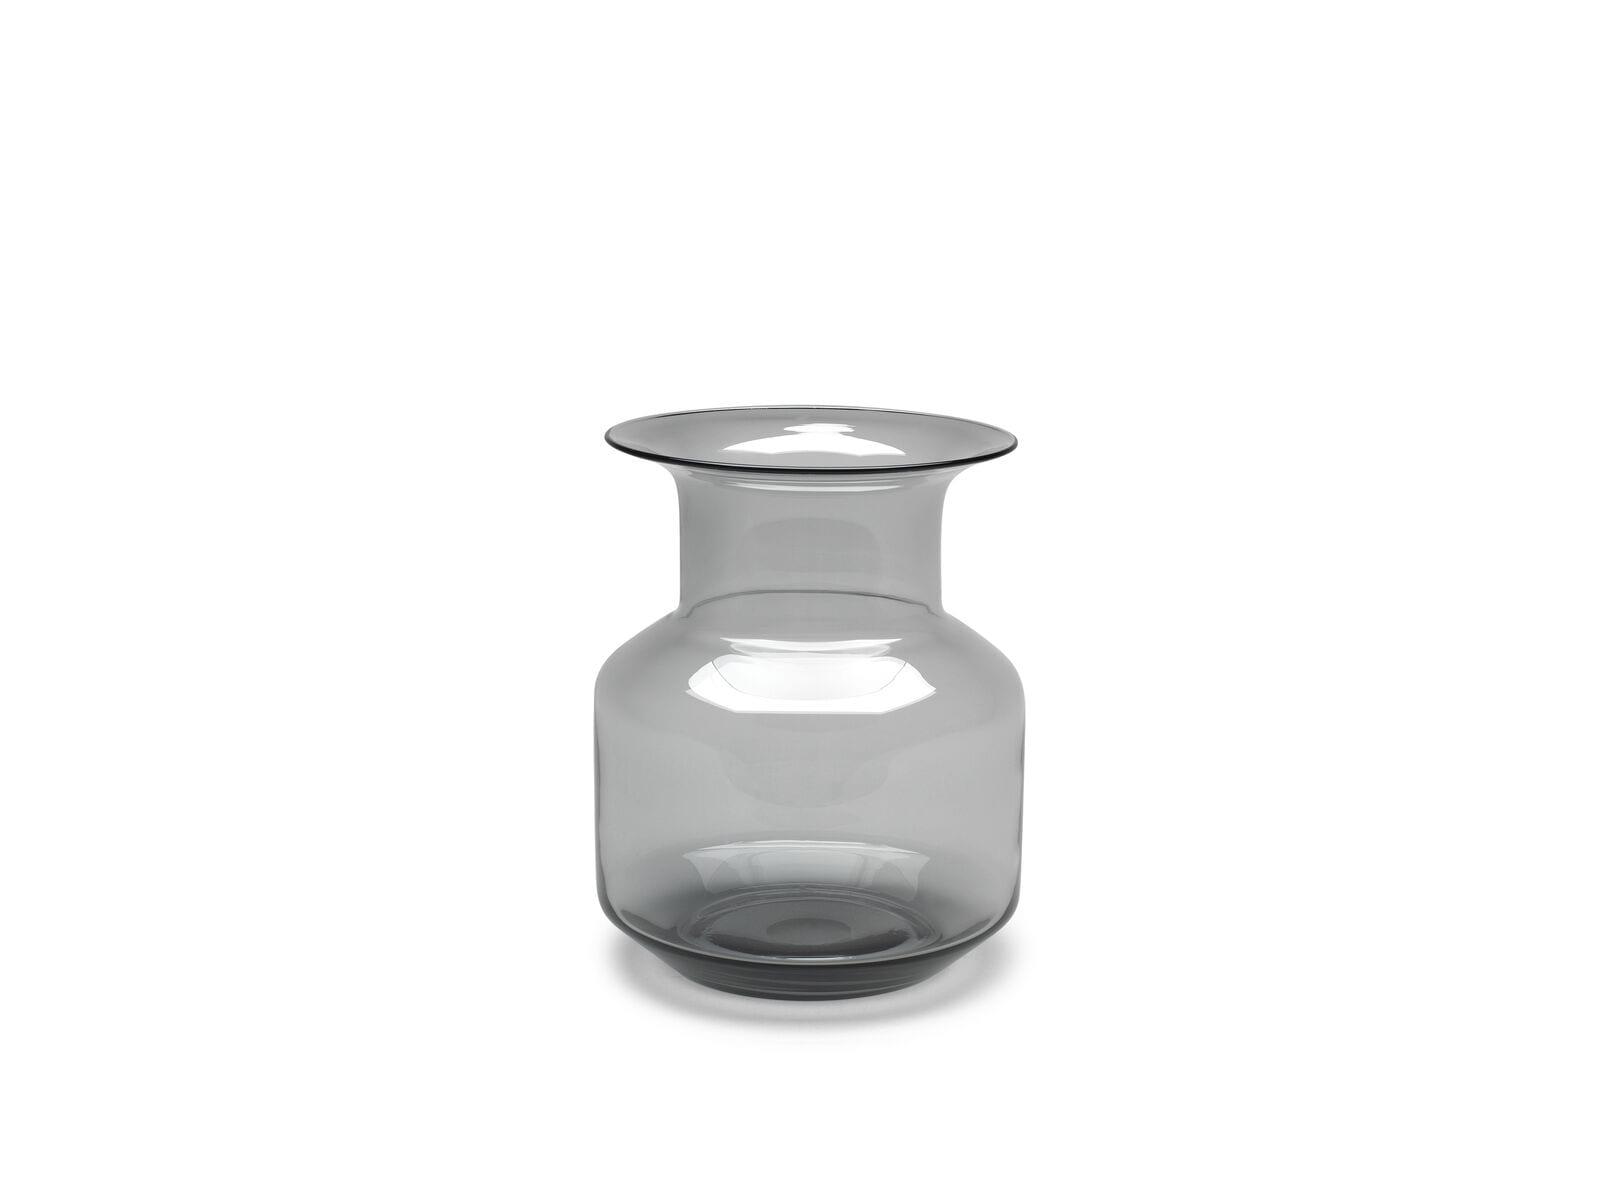 אגרטל זכוכית - אגרטלים מעוצבים לסלון